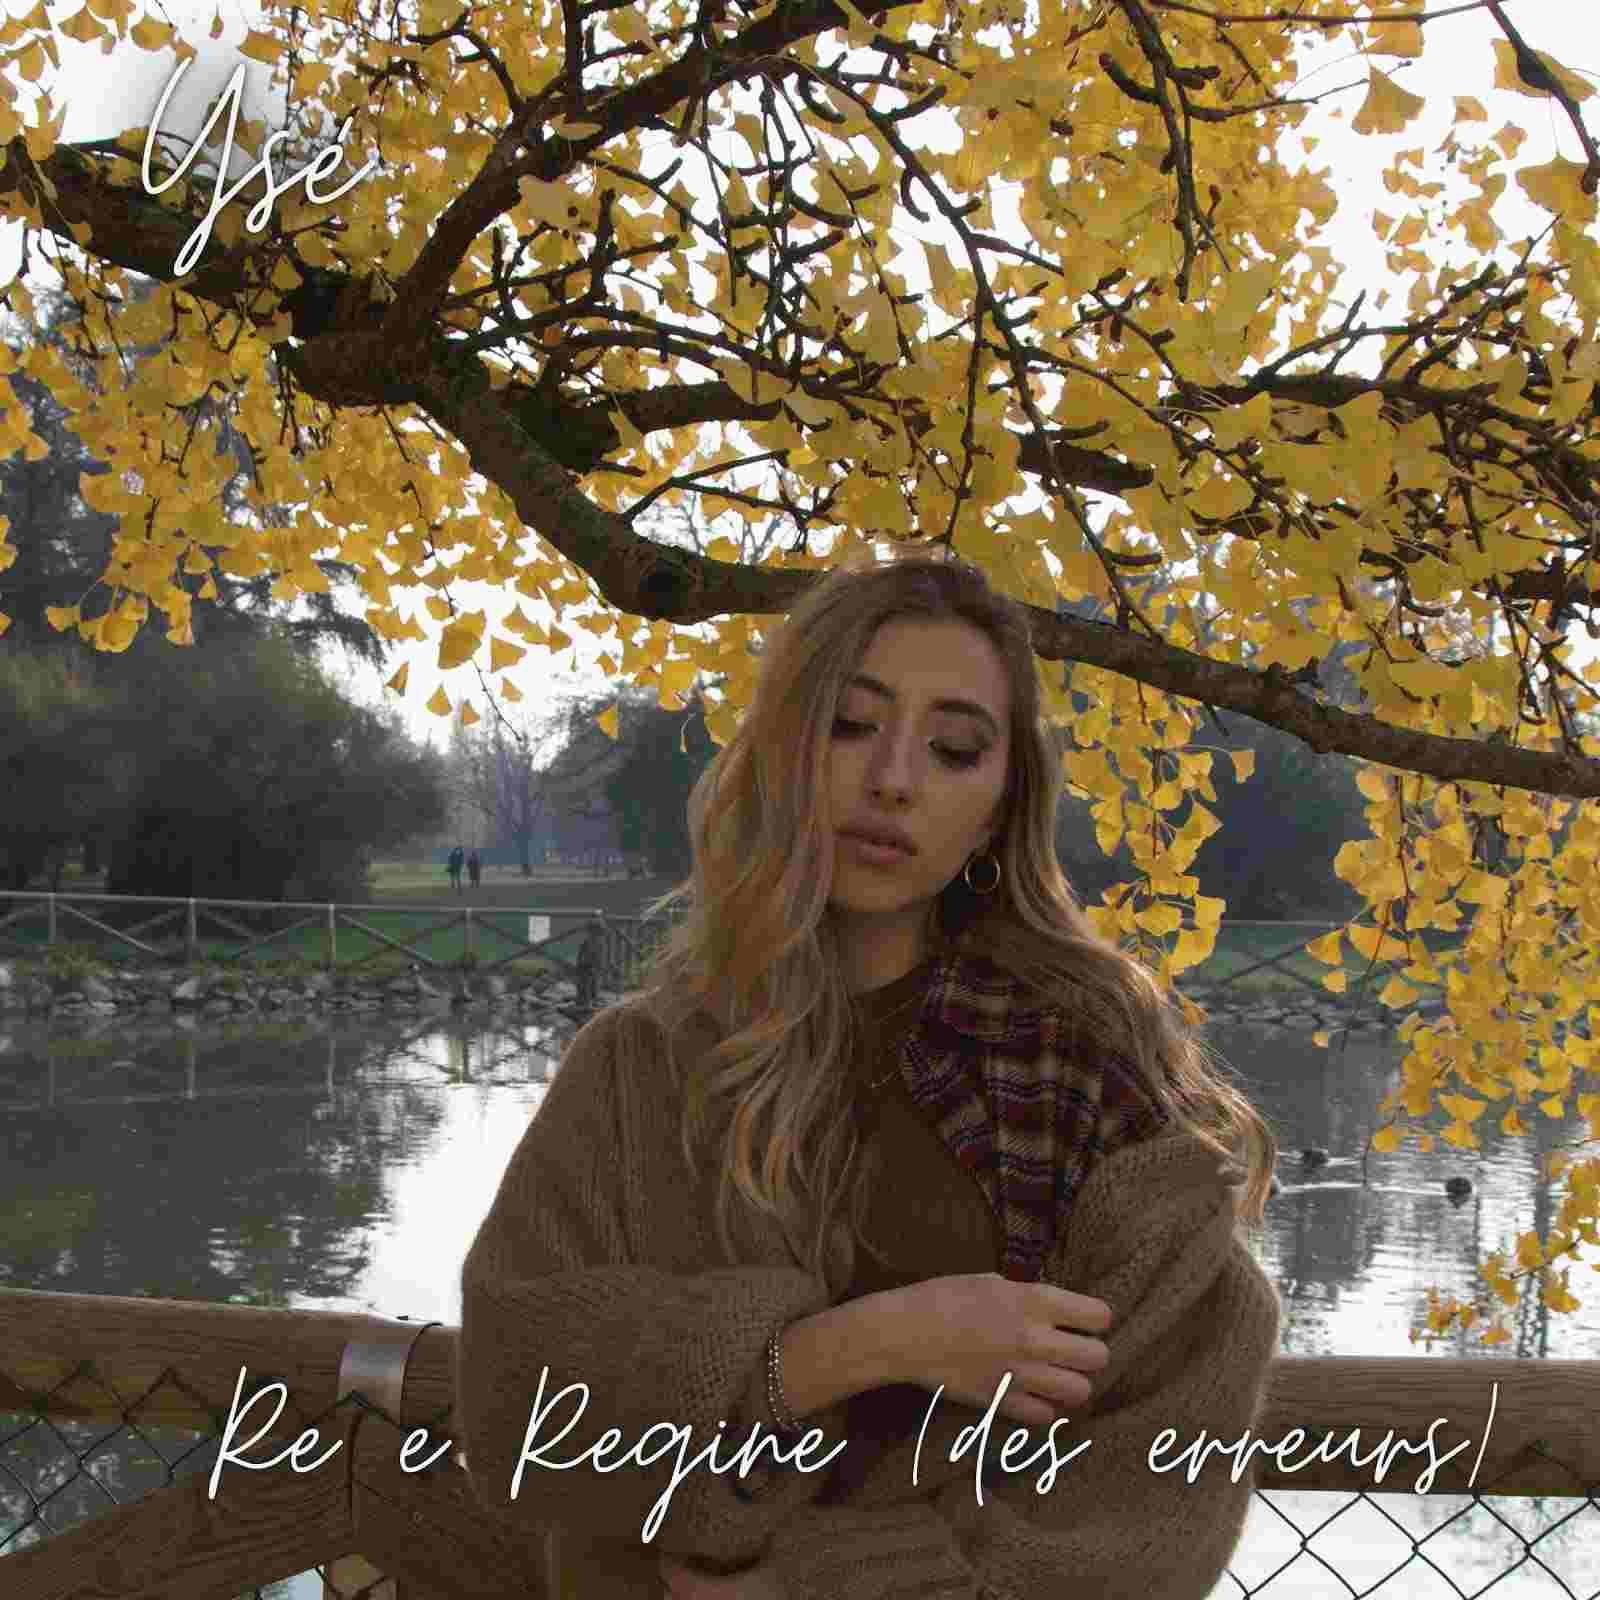 """Ysè, """"Re e Regine (des erreurs)"""" è il nuovo singolo dell'artista emiliana che anticipa il suo Ep di prossima uscita """"Pieces"""""""